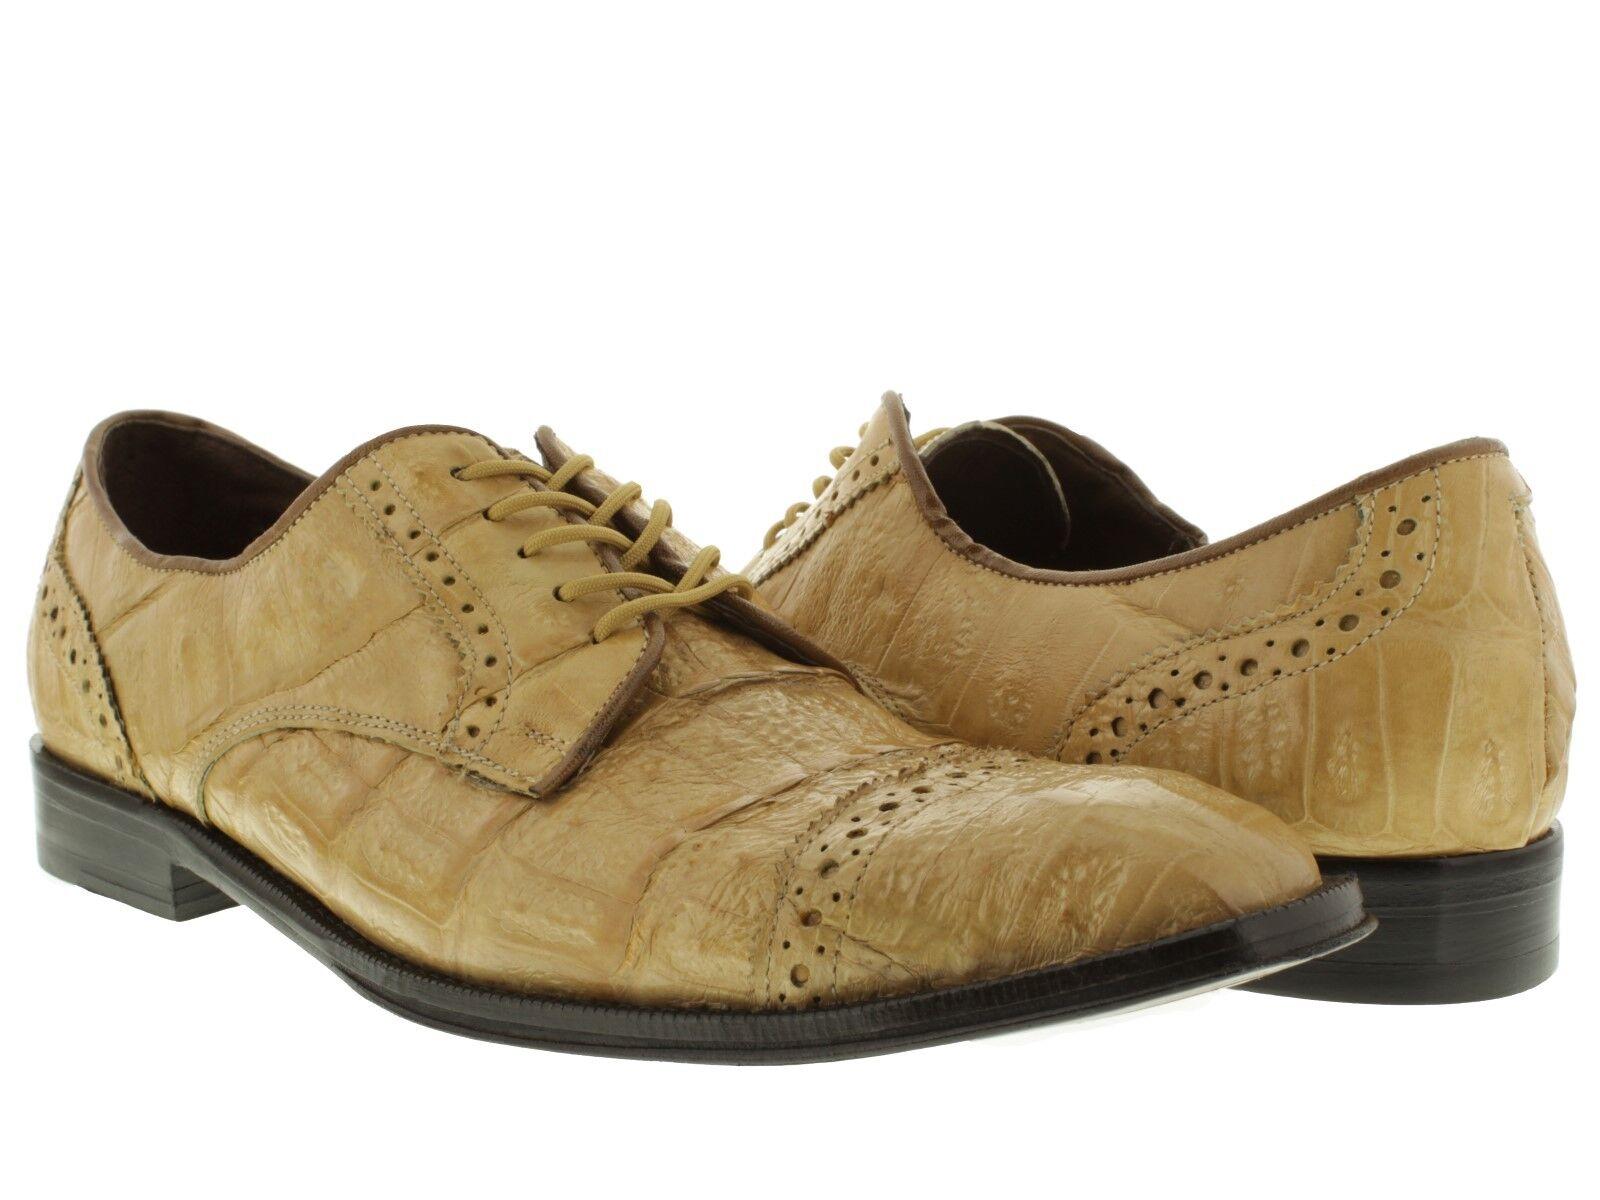 consegna gratuita Mens Sand Crocodile Crocodile Crocodile Dress scarpe Exotic Skin Genuine Leather Western Oxfords  ordina adesso